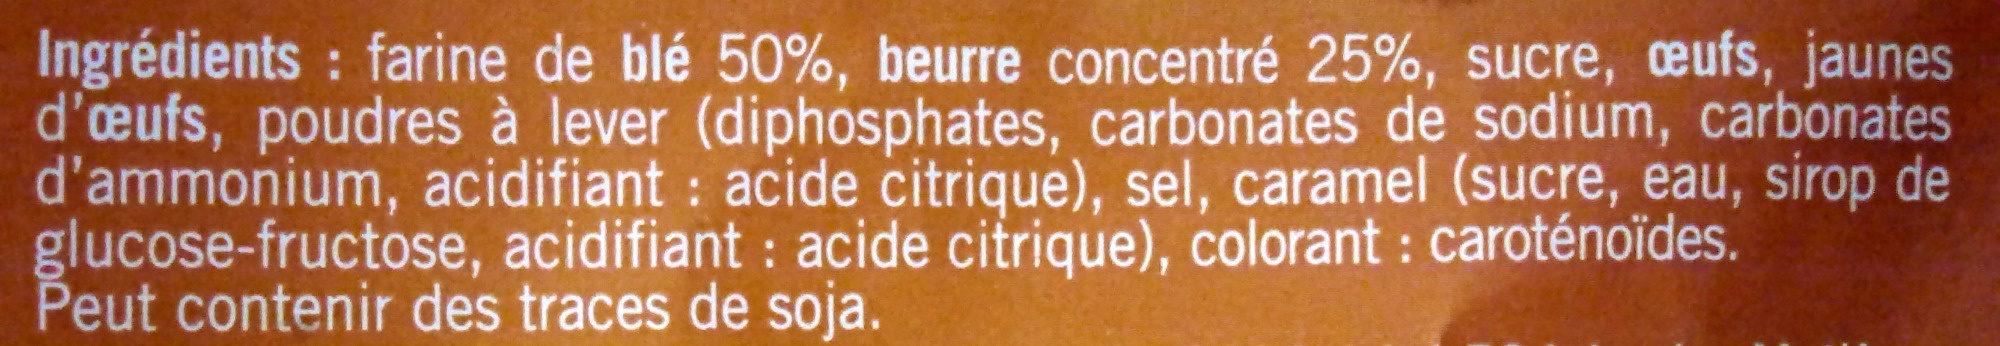 Sablés Pur Beurre - Ingrédients - fr